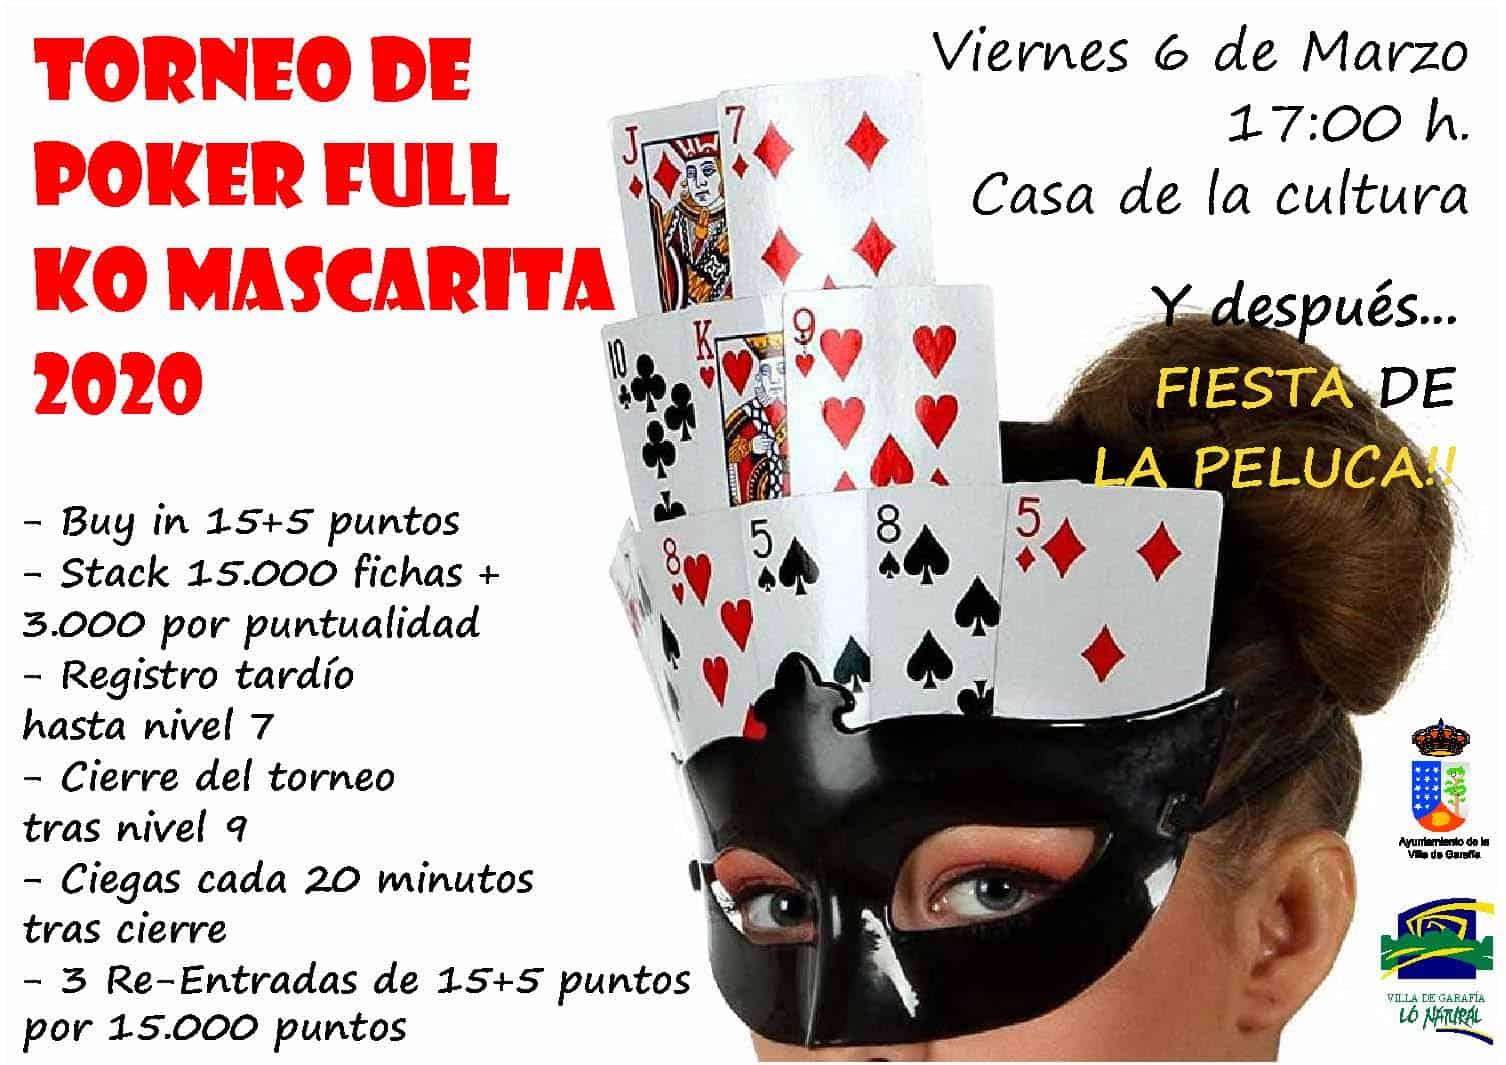 Torneo de Poker Full Ko Mascarita 2020